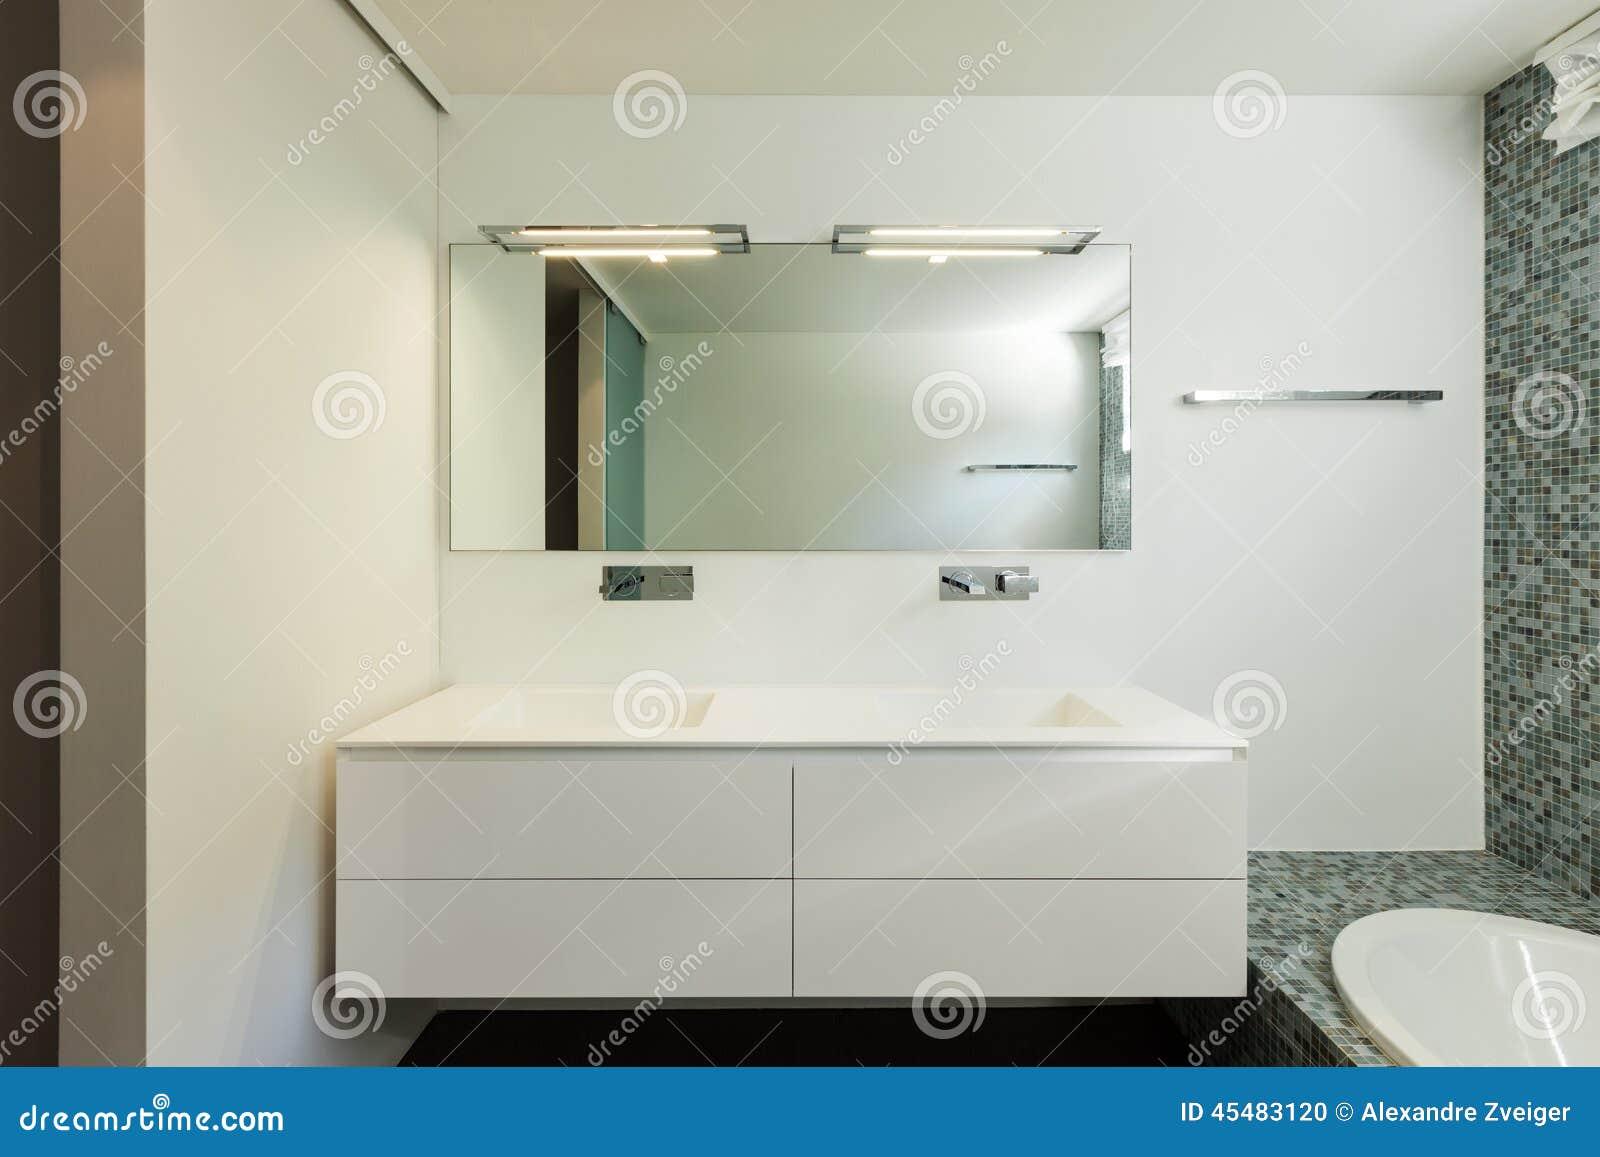 Interno della casa moderna bagno fotografia stock for Planimetrie della casa ultra moderna